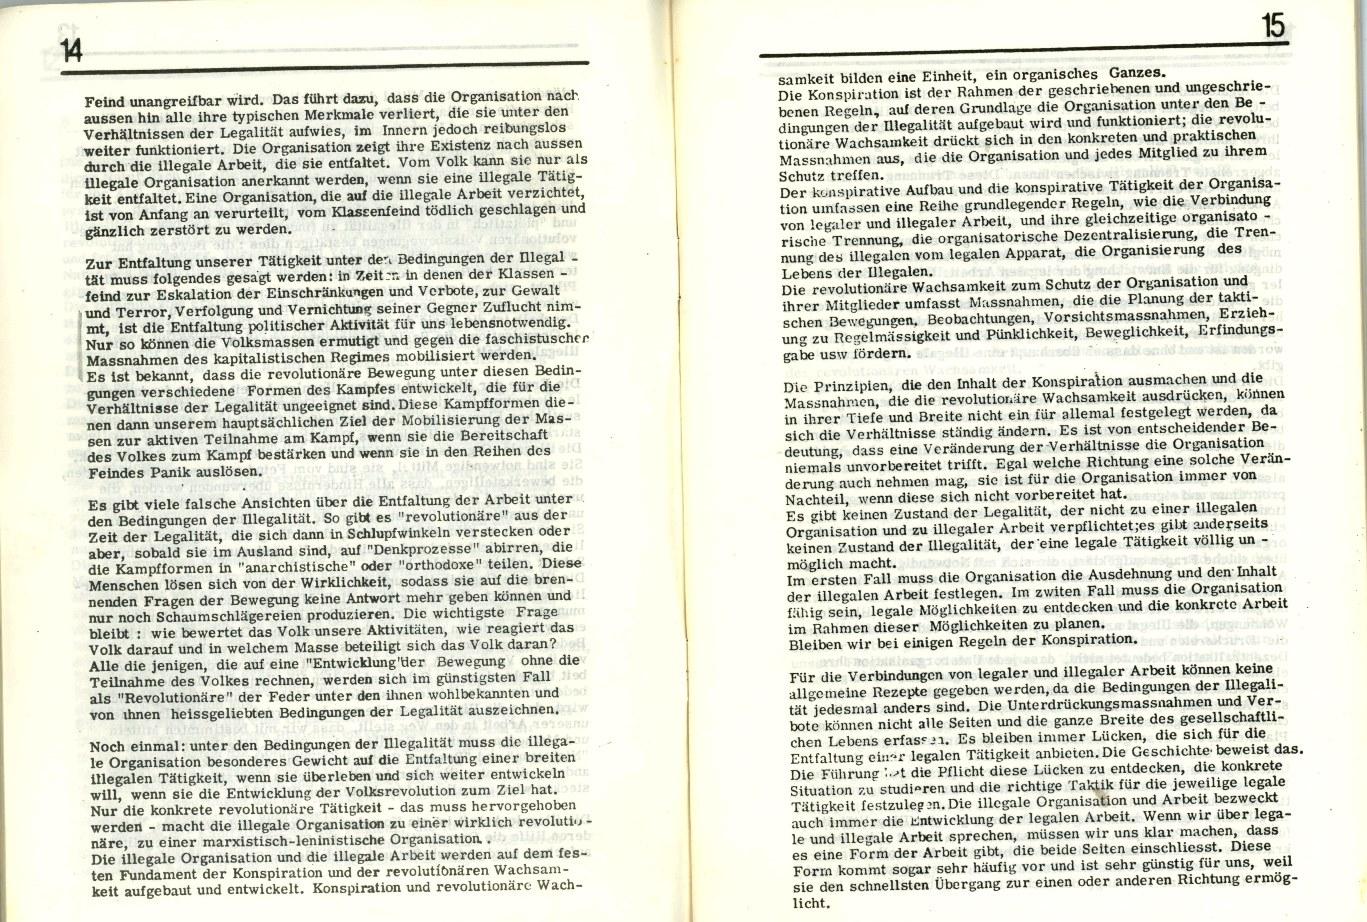 Griechenland_Griechische_ML_1971_Dokumente_01_08